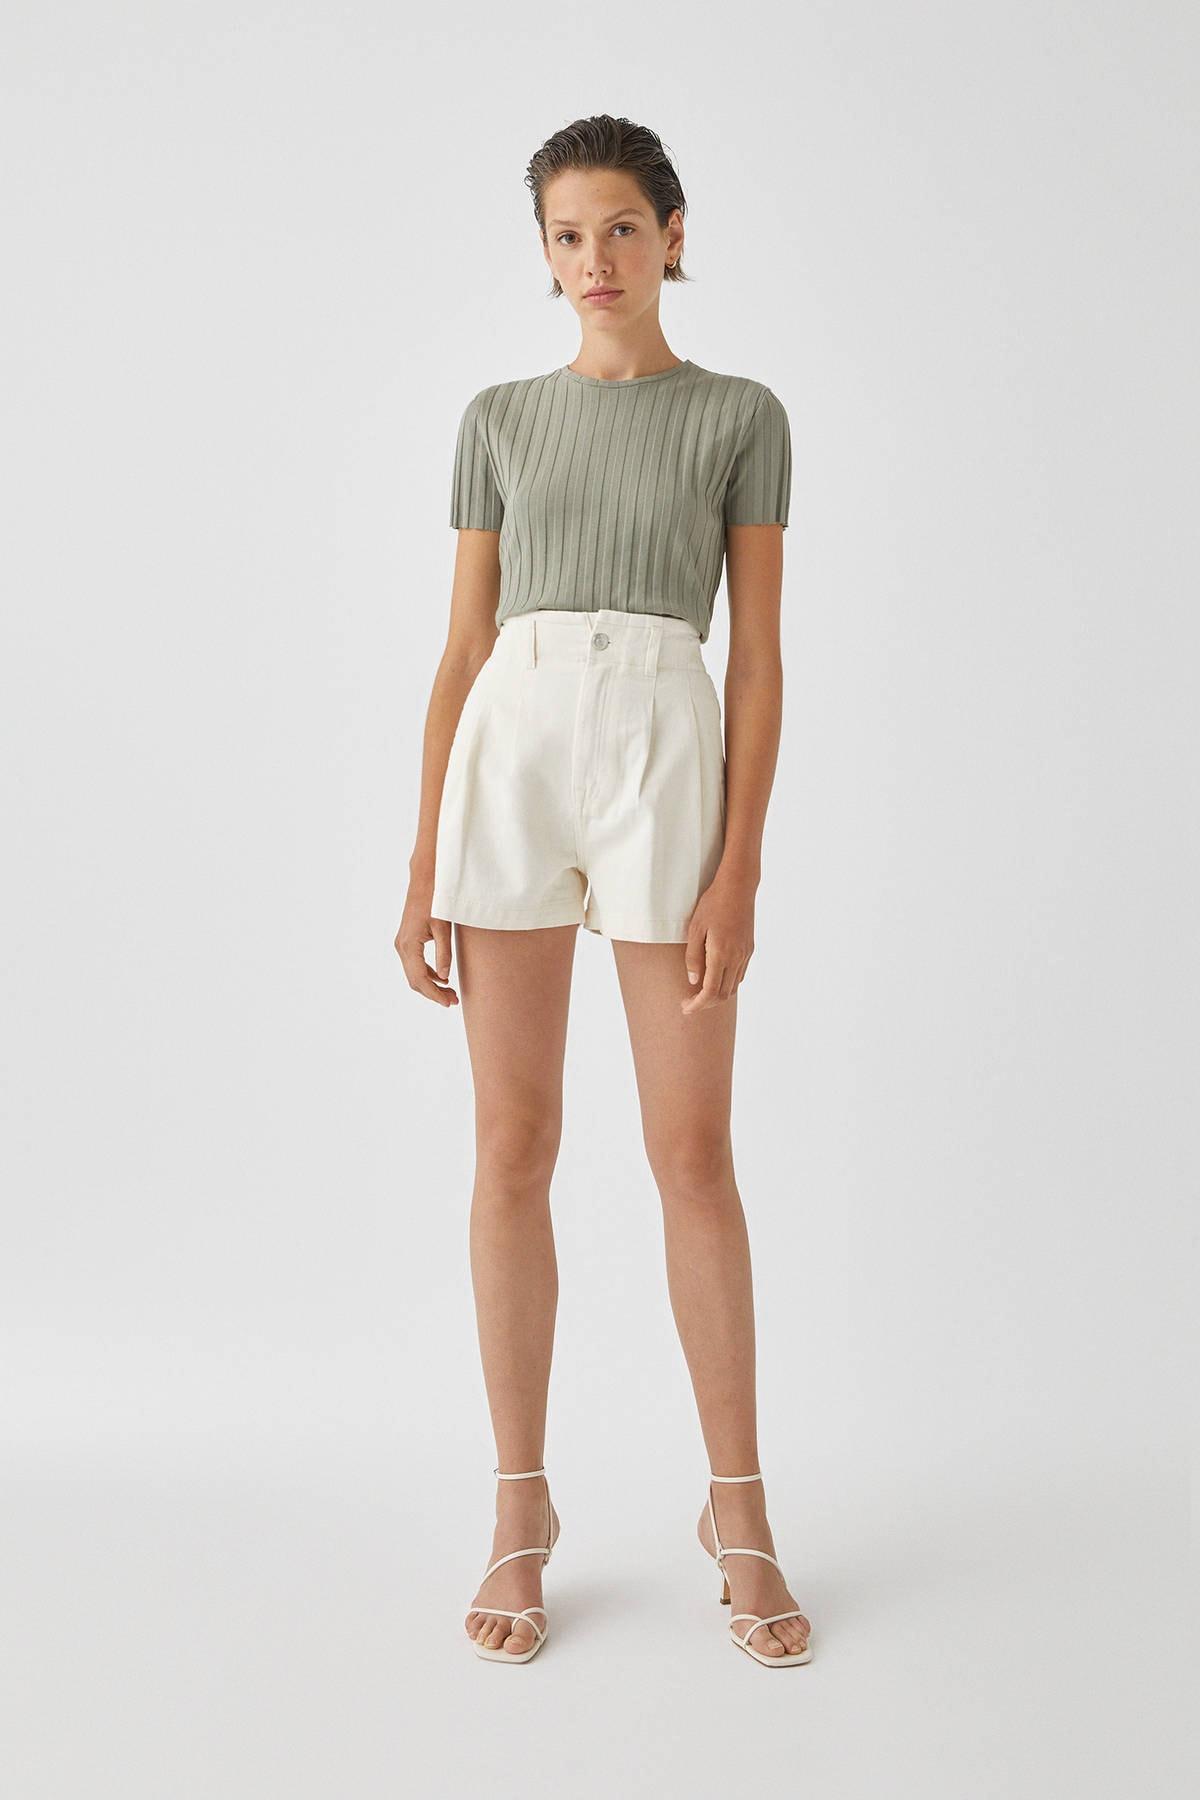 Pull & Bear Kadın Açık Haki Geniş Fitilli Basic T-Shirt 05238366